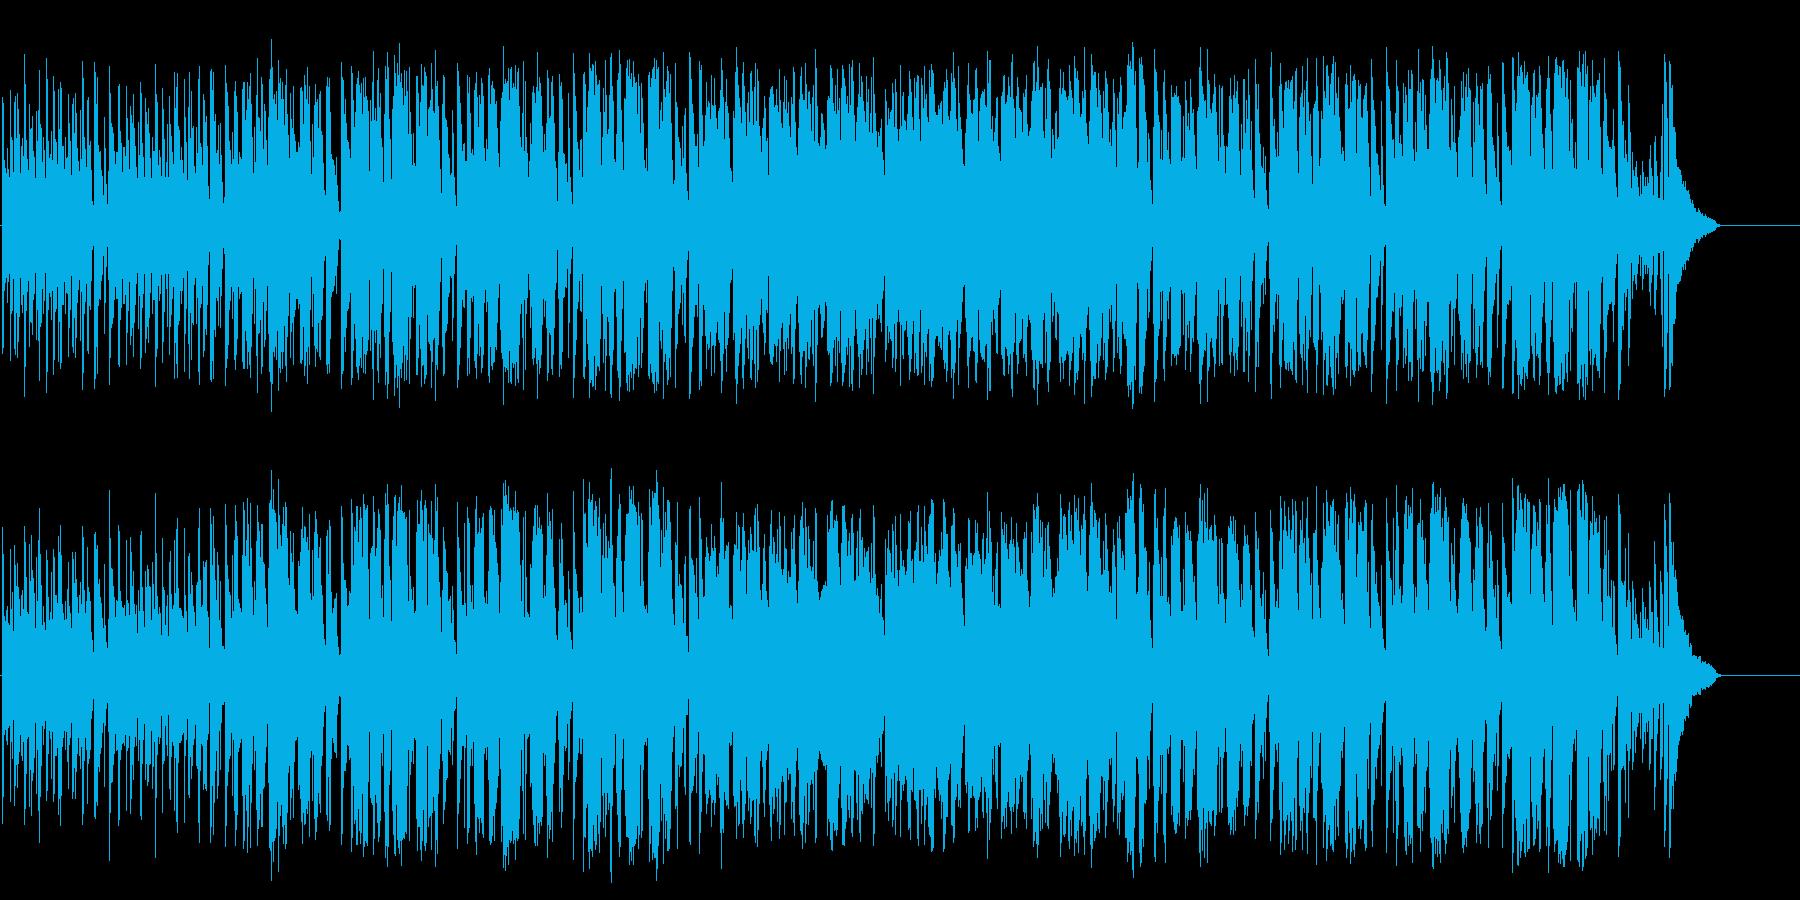 陽気なデキシー風ジャズポップの再生済みの波形